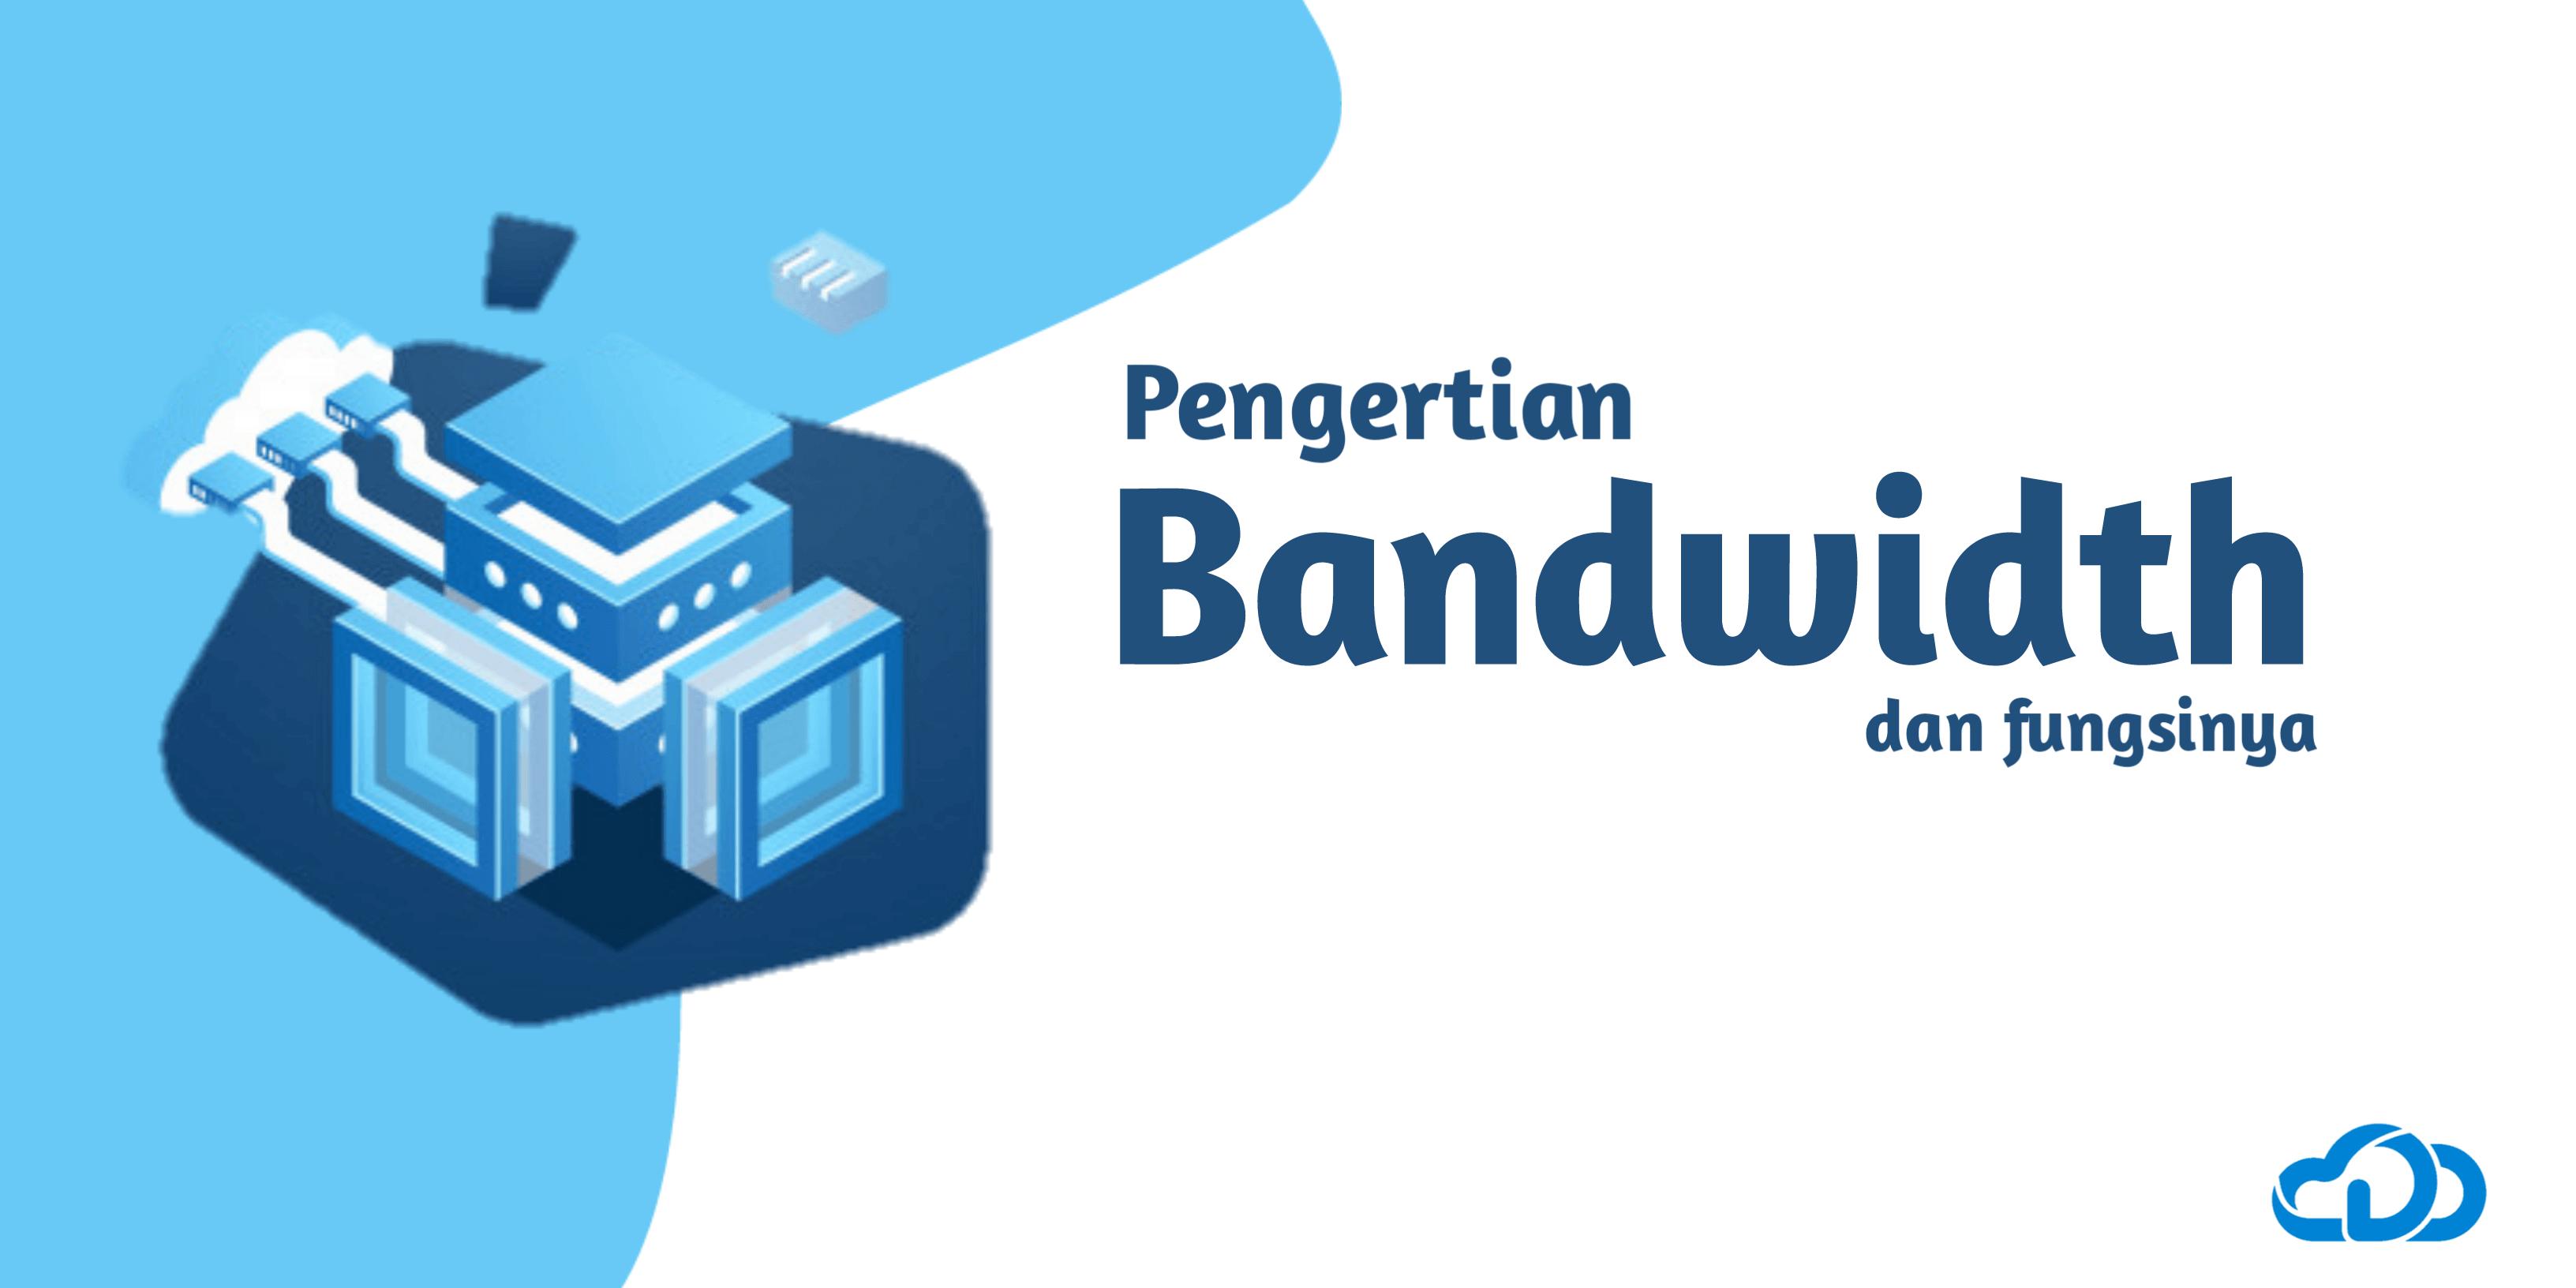 Pengertian Bandwidth dan Fungsinya